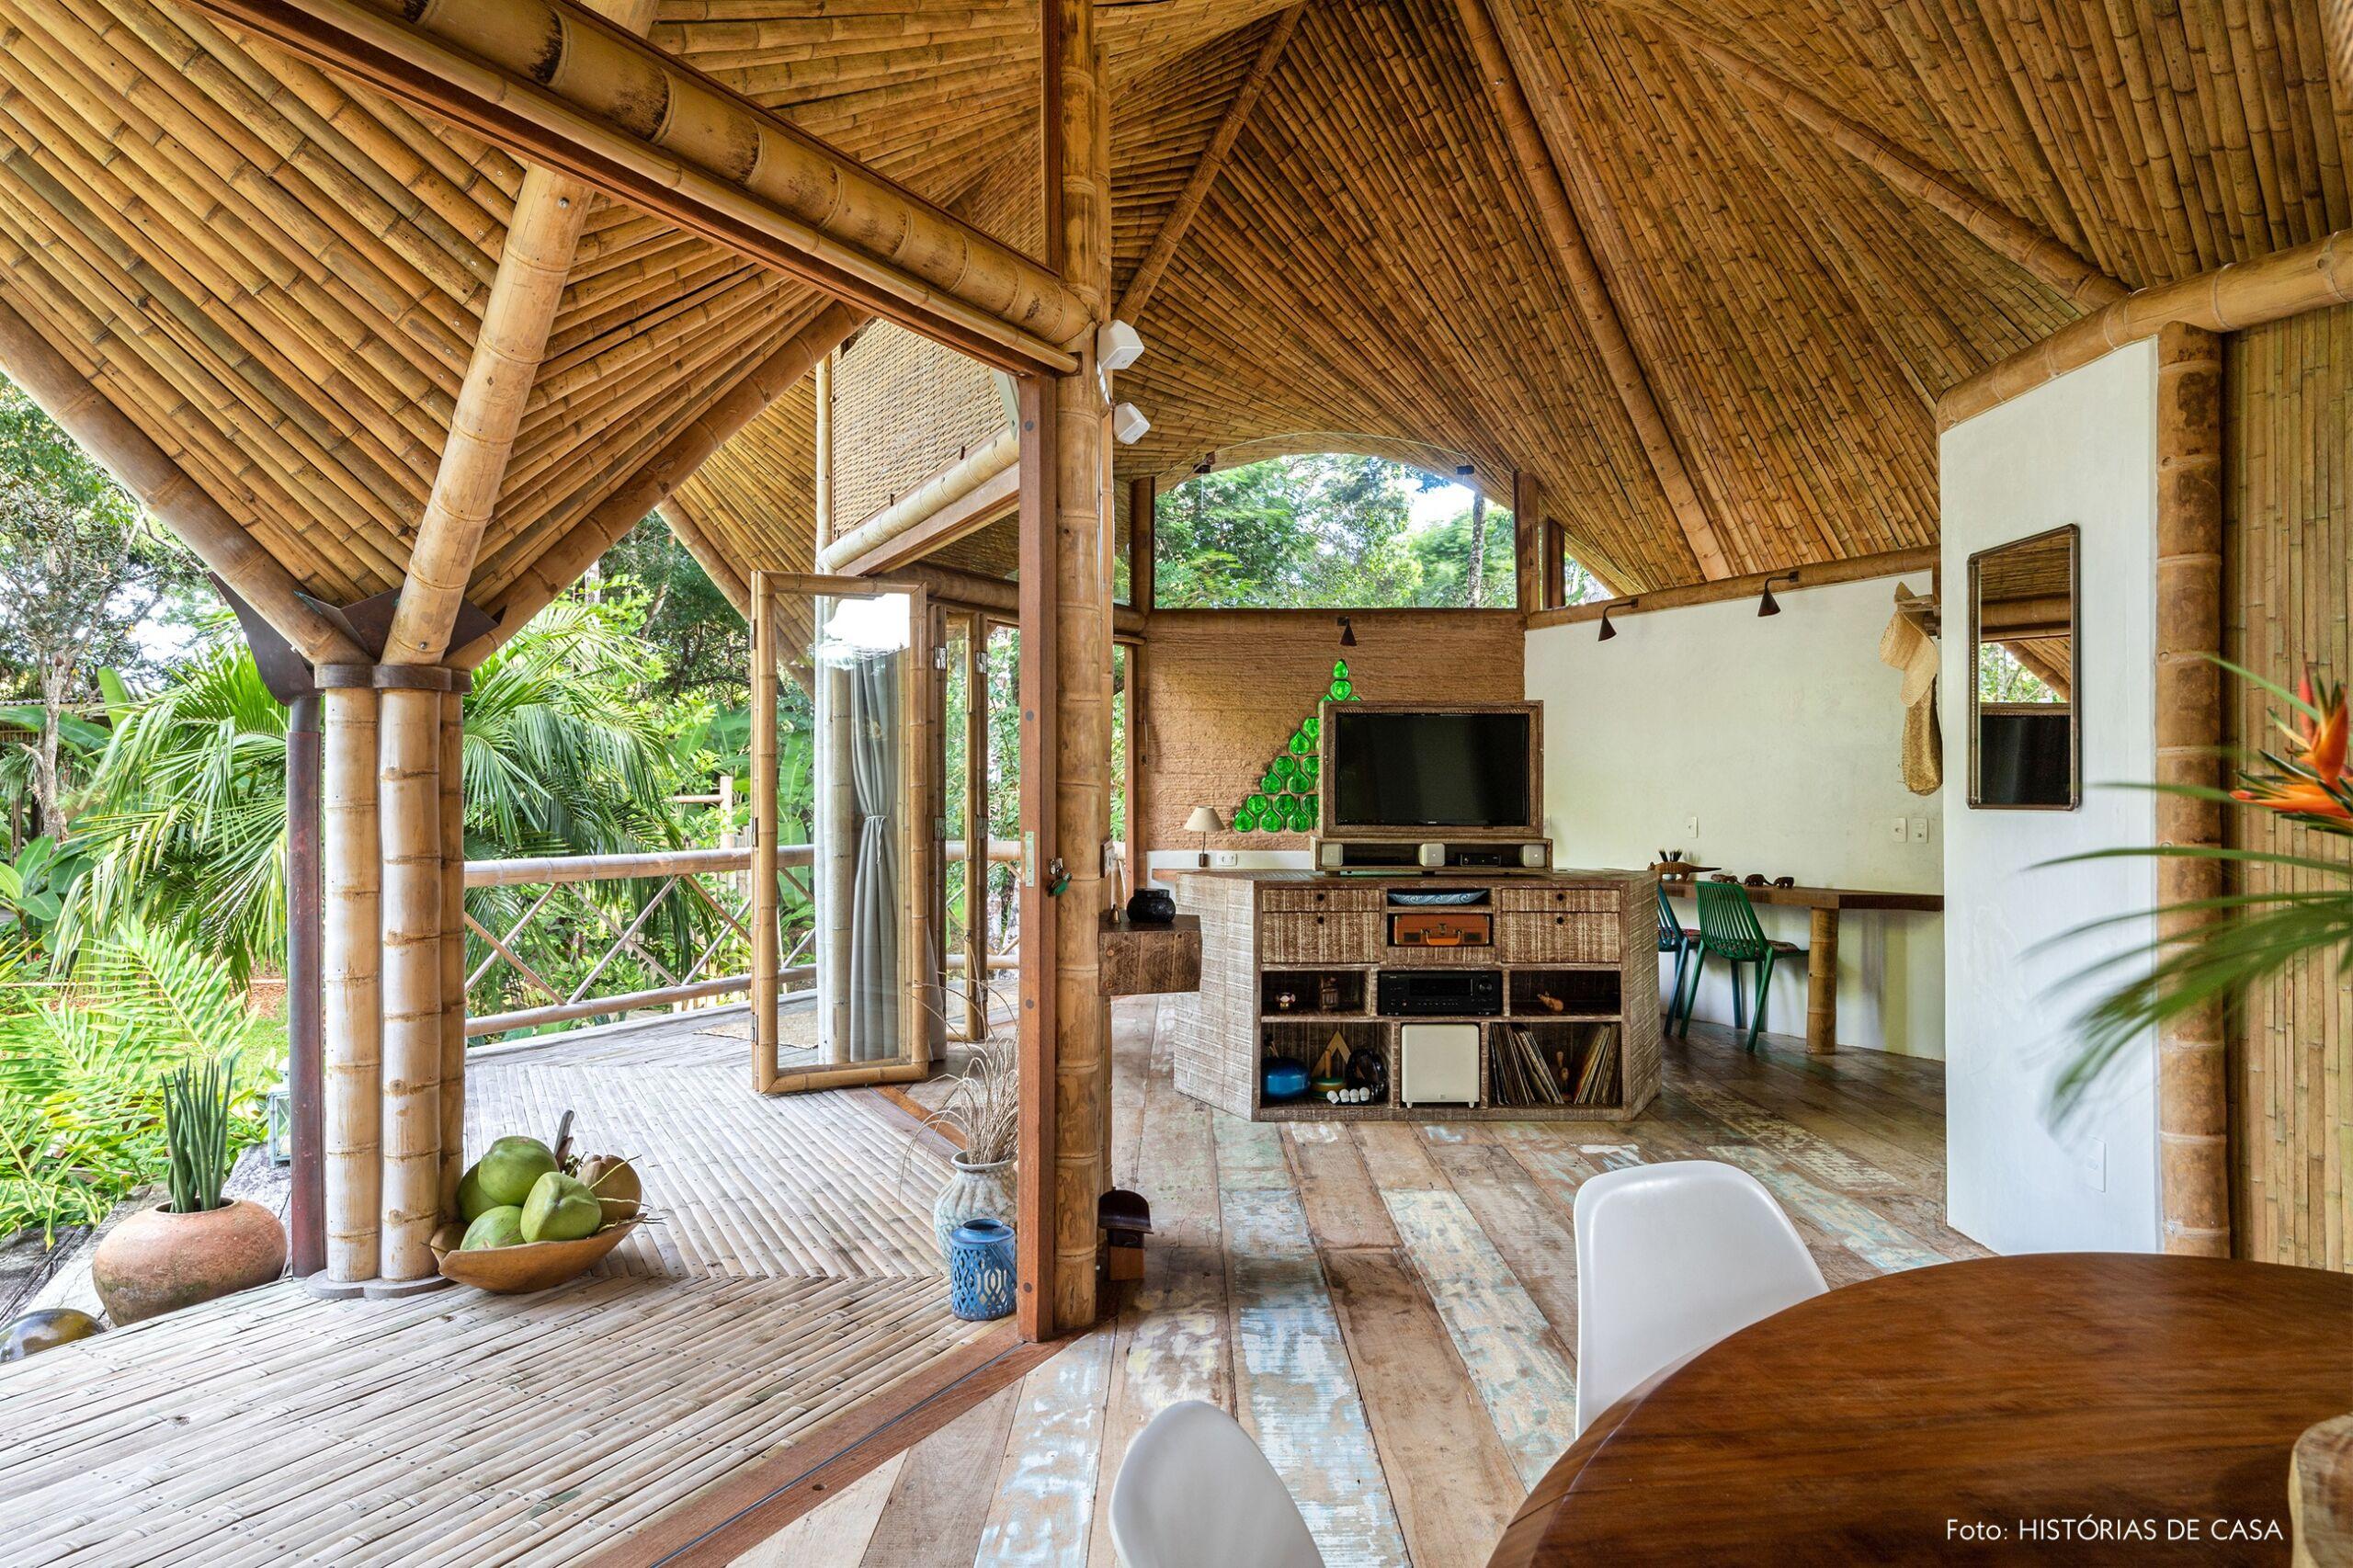 -trancoso-vilasete-hotel-decoracao-52-bambu-mesa-madeira-vaso-barro-cadeira-branca-rack-madeira